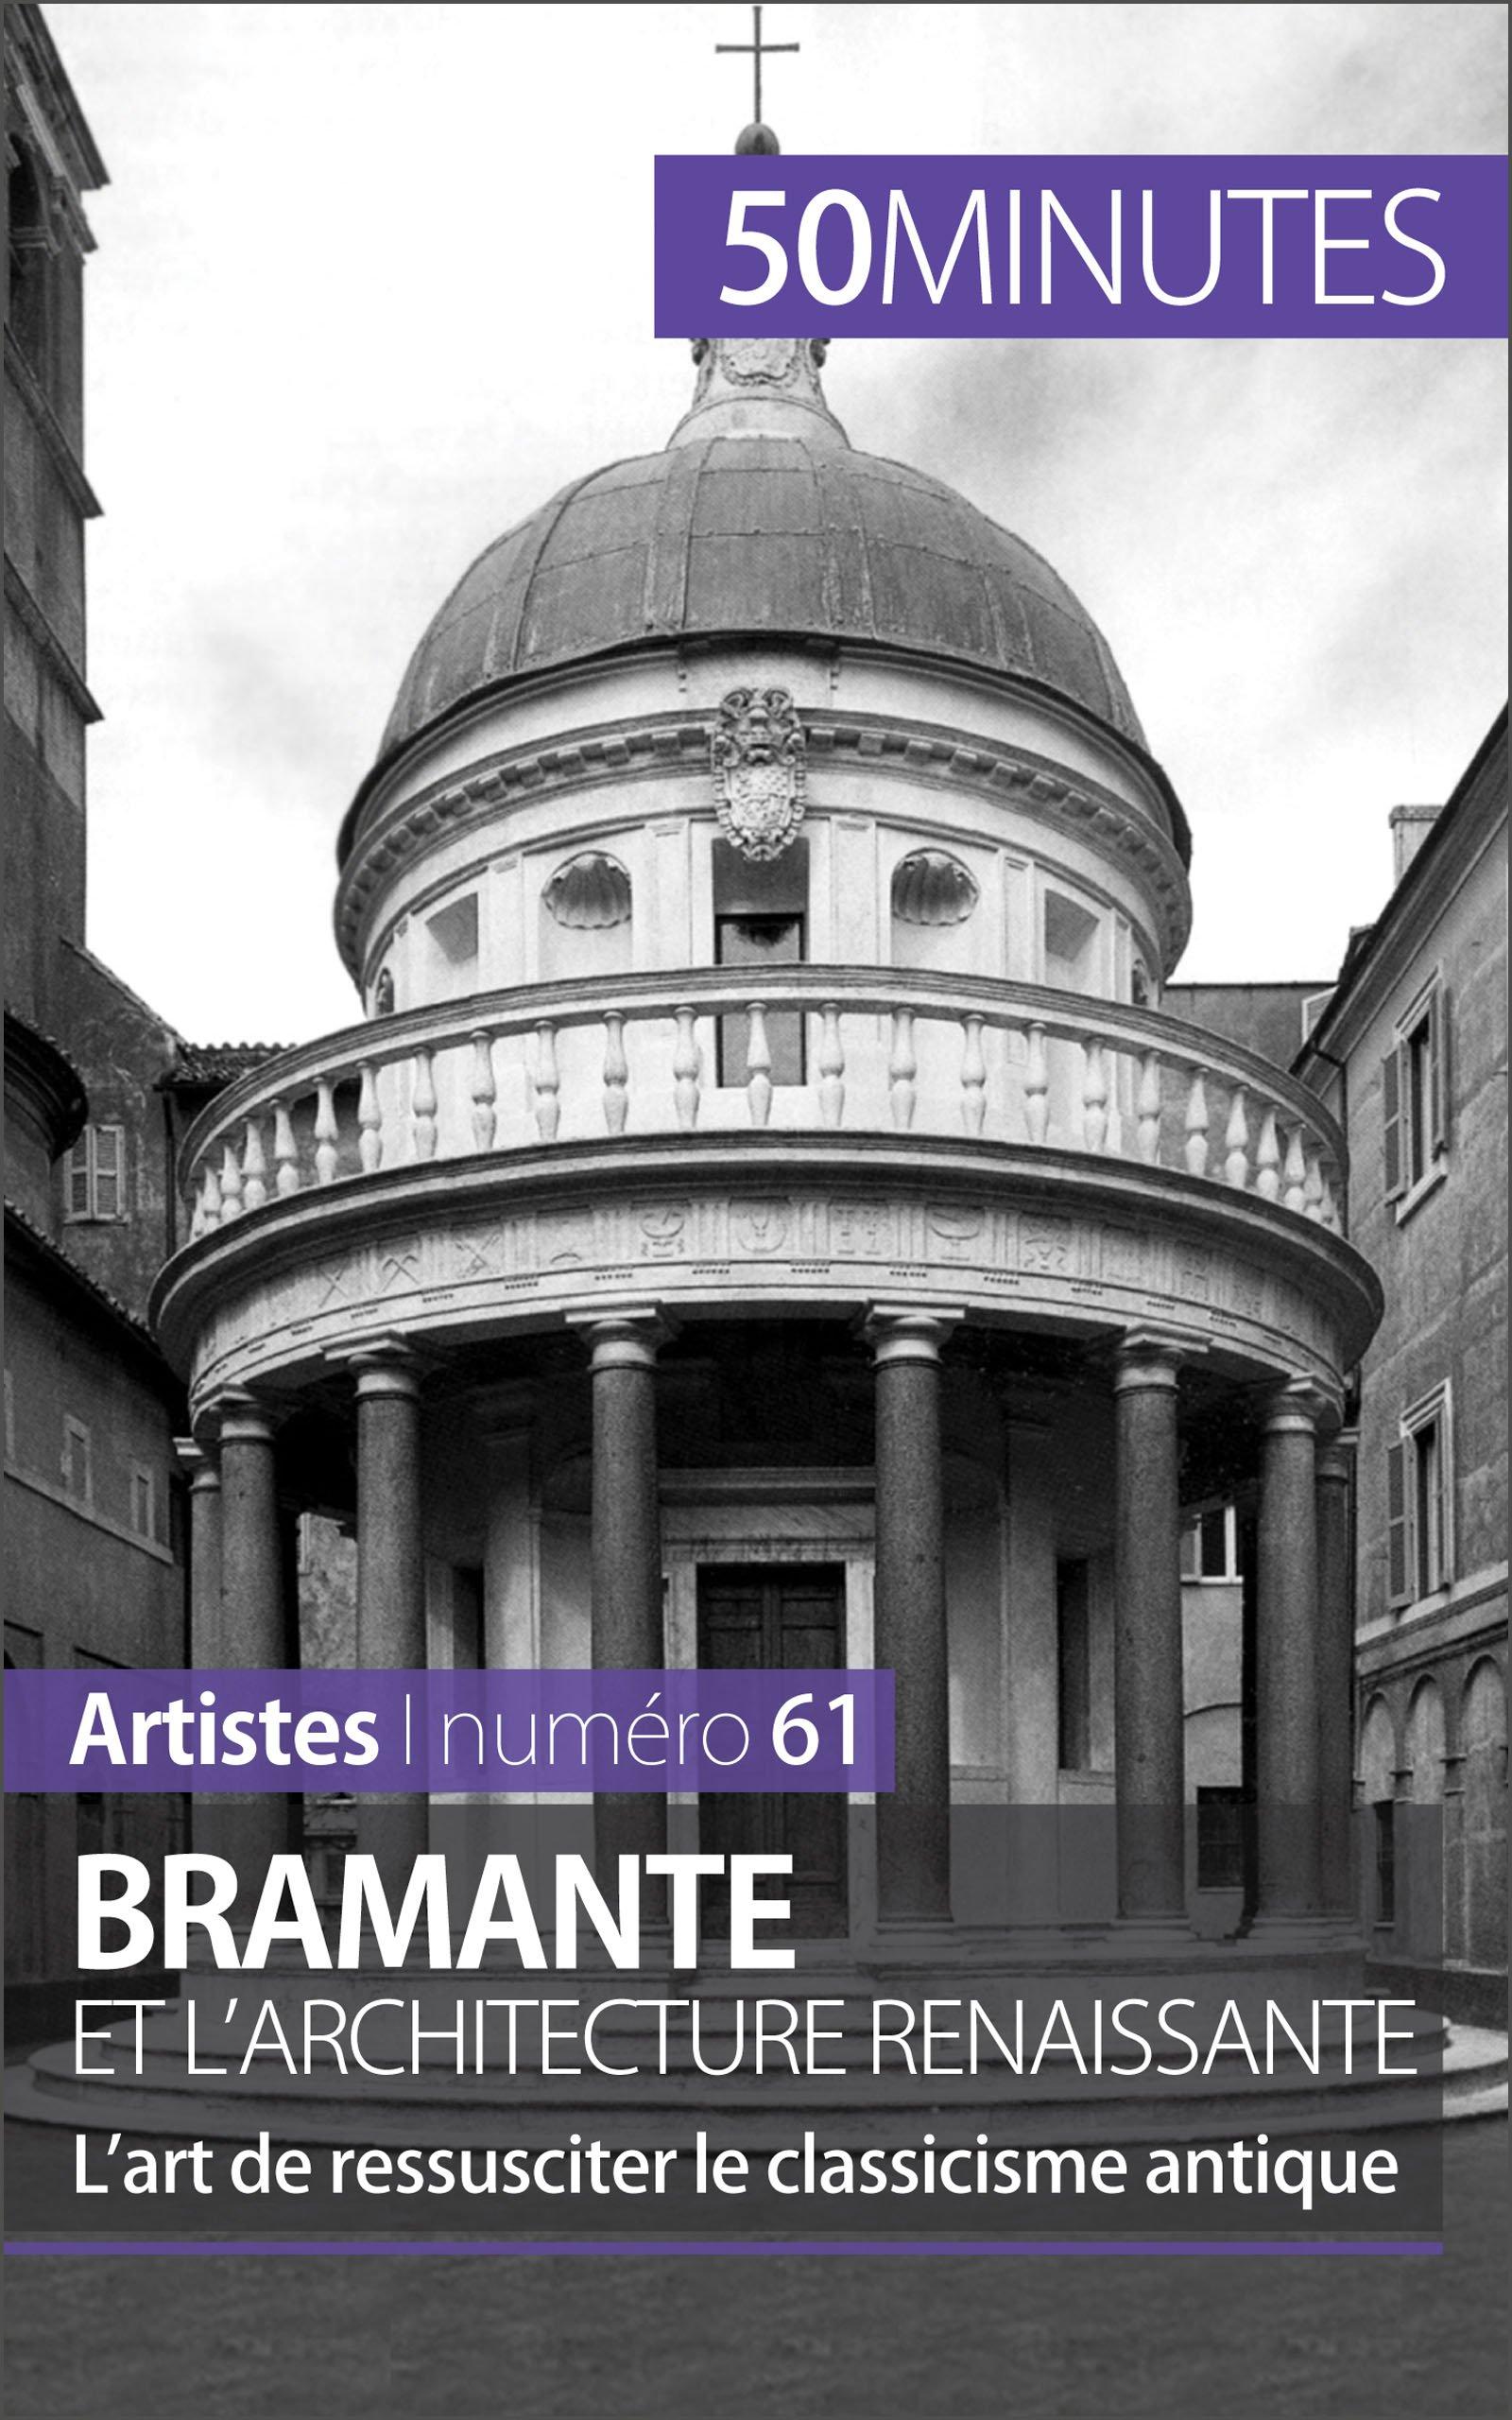 Bramante et l'architecture renaissante: L'art de ressusciter le classicisme antique (Artistes t. 61) por Tatiana Sgalbiero